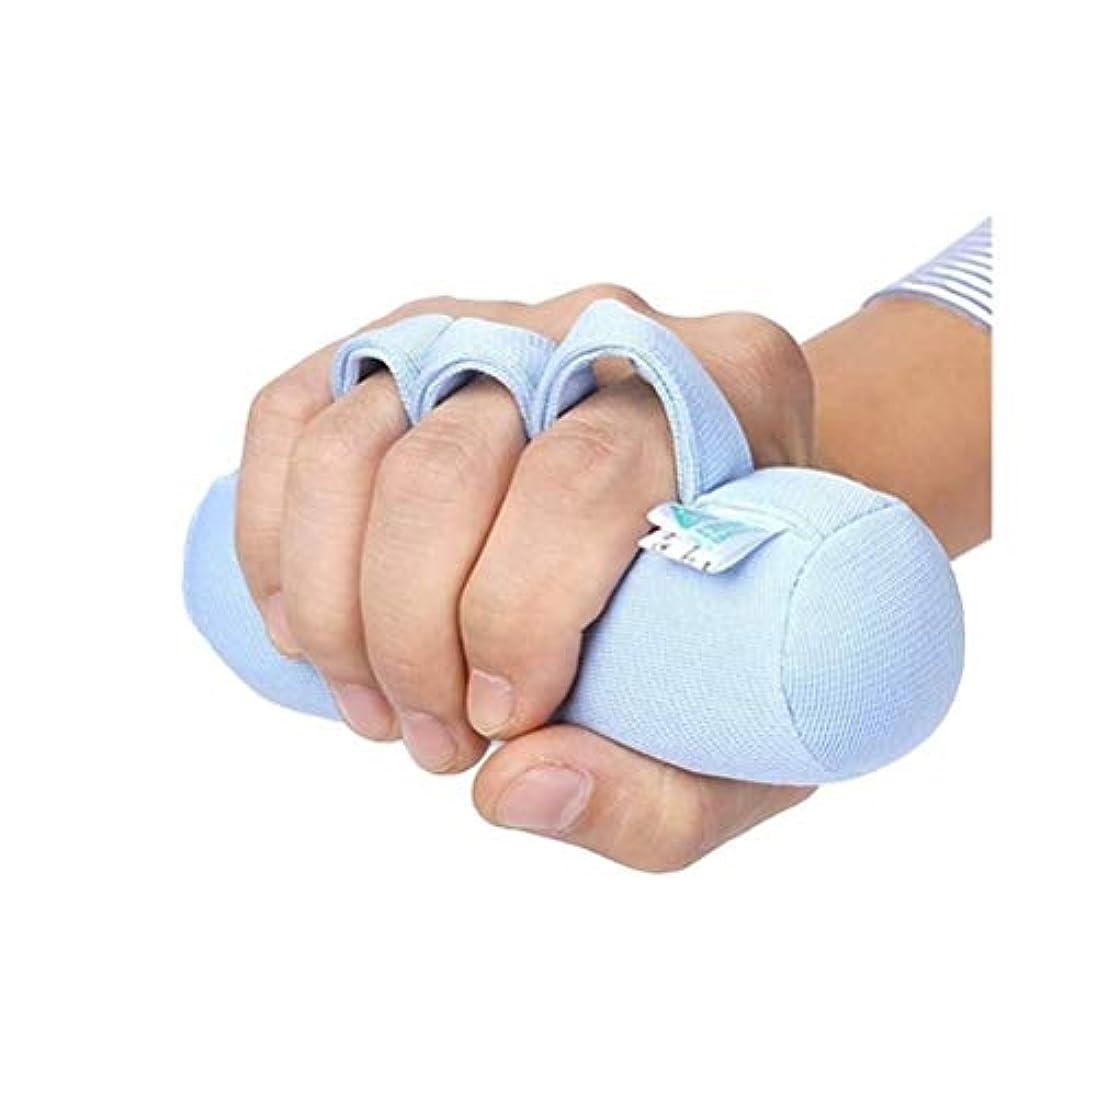 求人リアルミネラル指セパレーターパームプロテクター、手拘縮装具、ソフトパームクッションのために、指セパレーターはベッドのためにくる病ハンド高齢者ケアを化膿指拘縮クッション防止の指は指セパレーションフィット右または左の手を傷